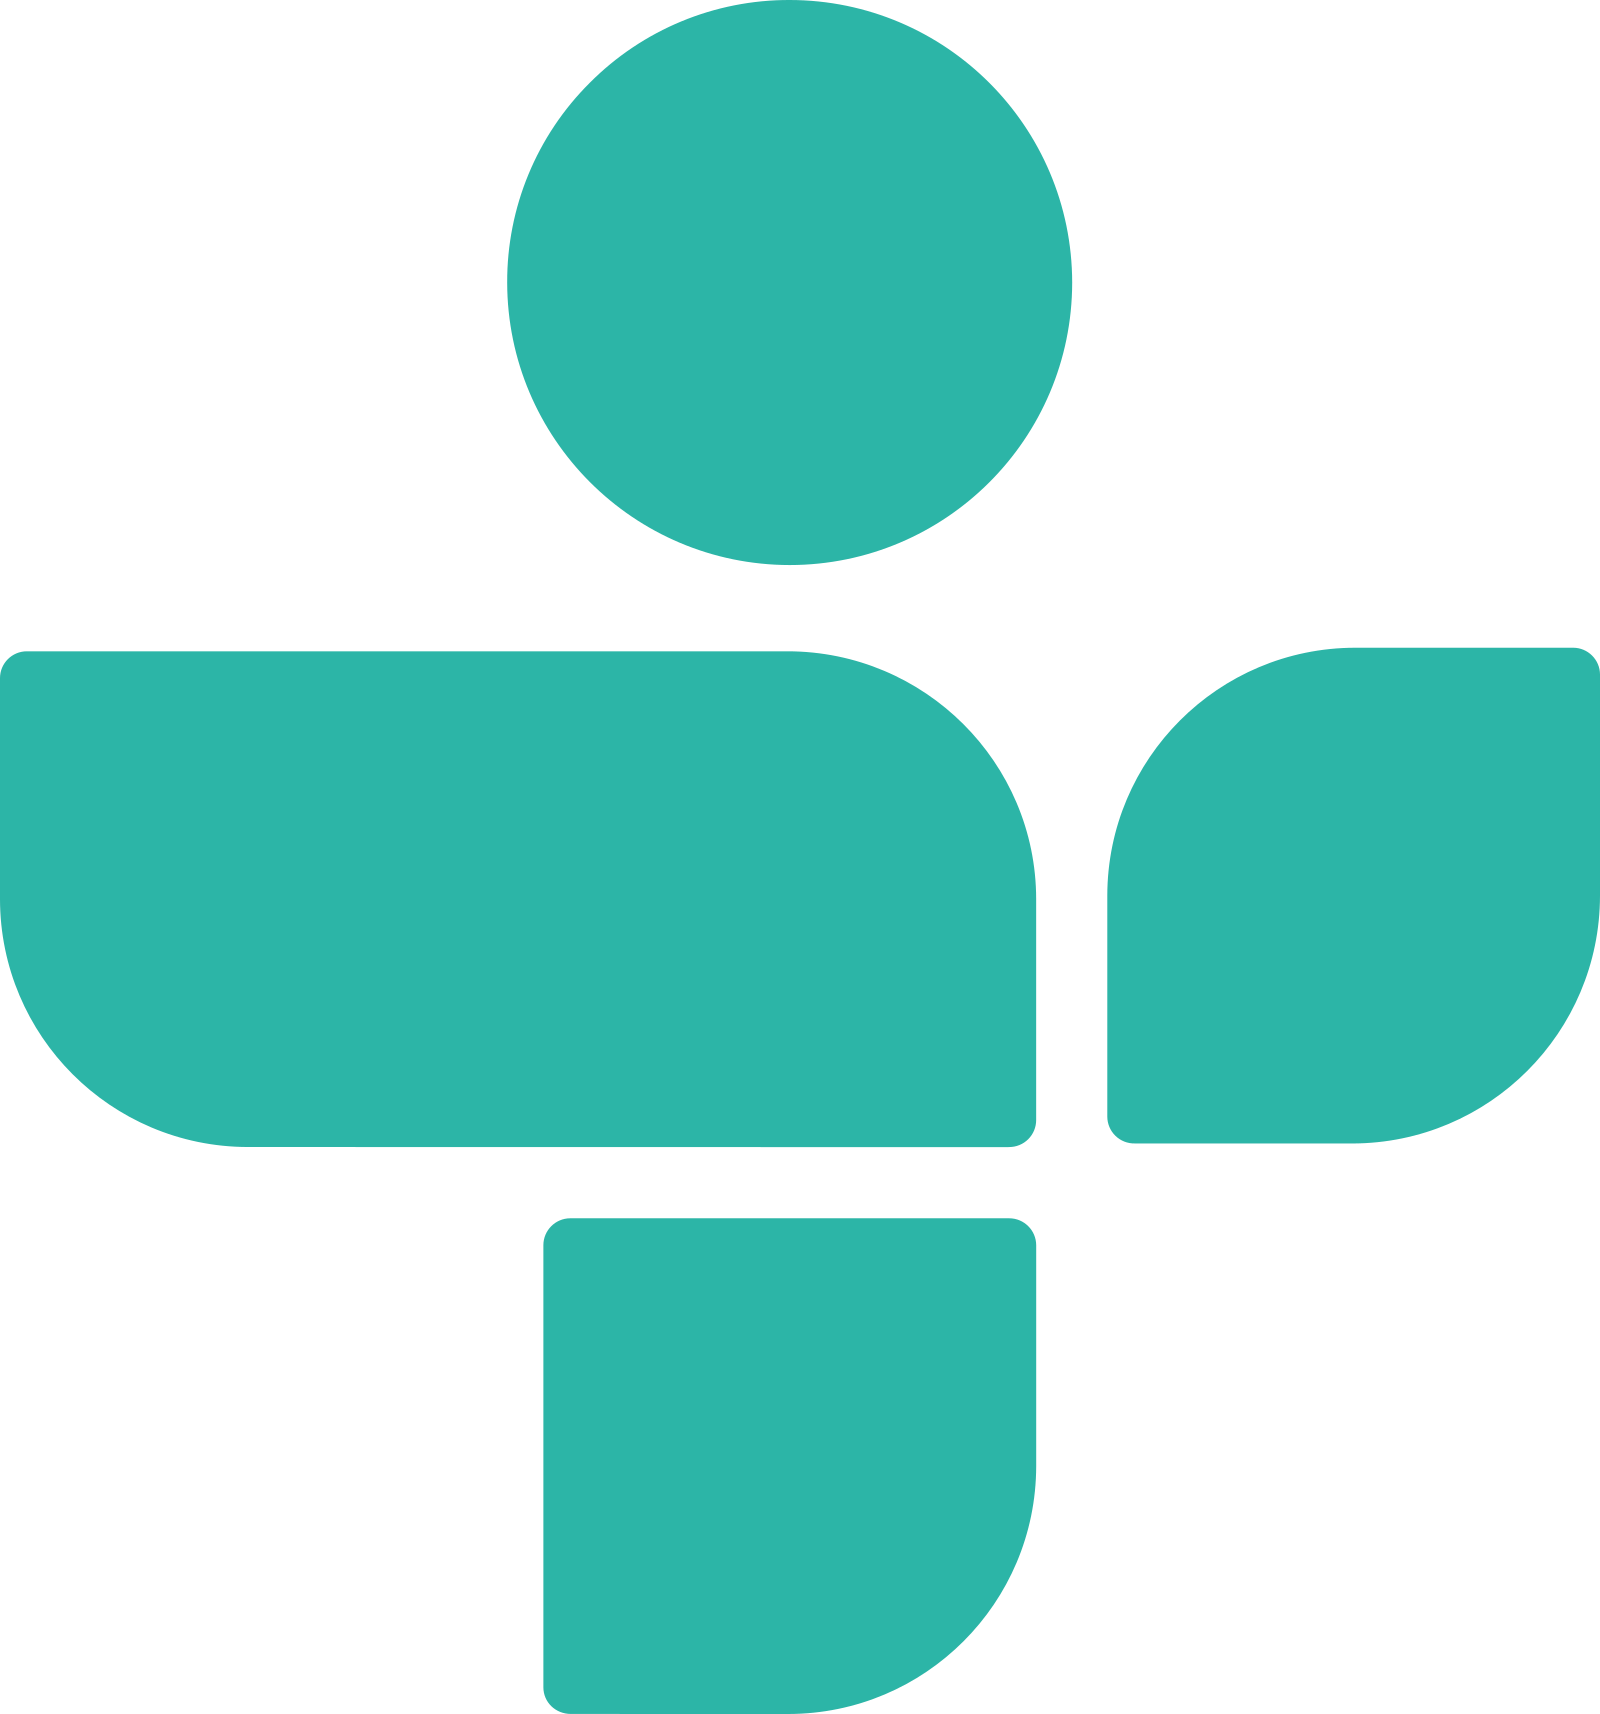 tunein-logo-5